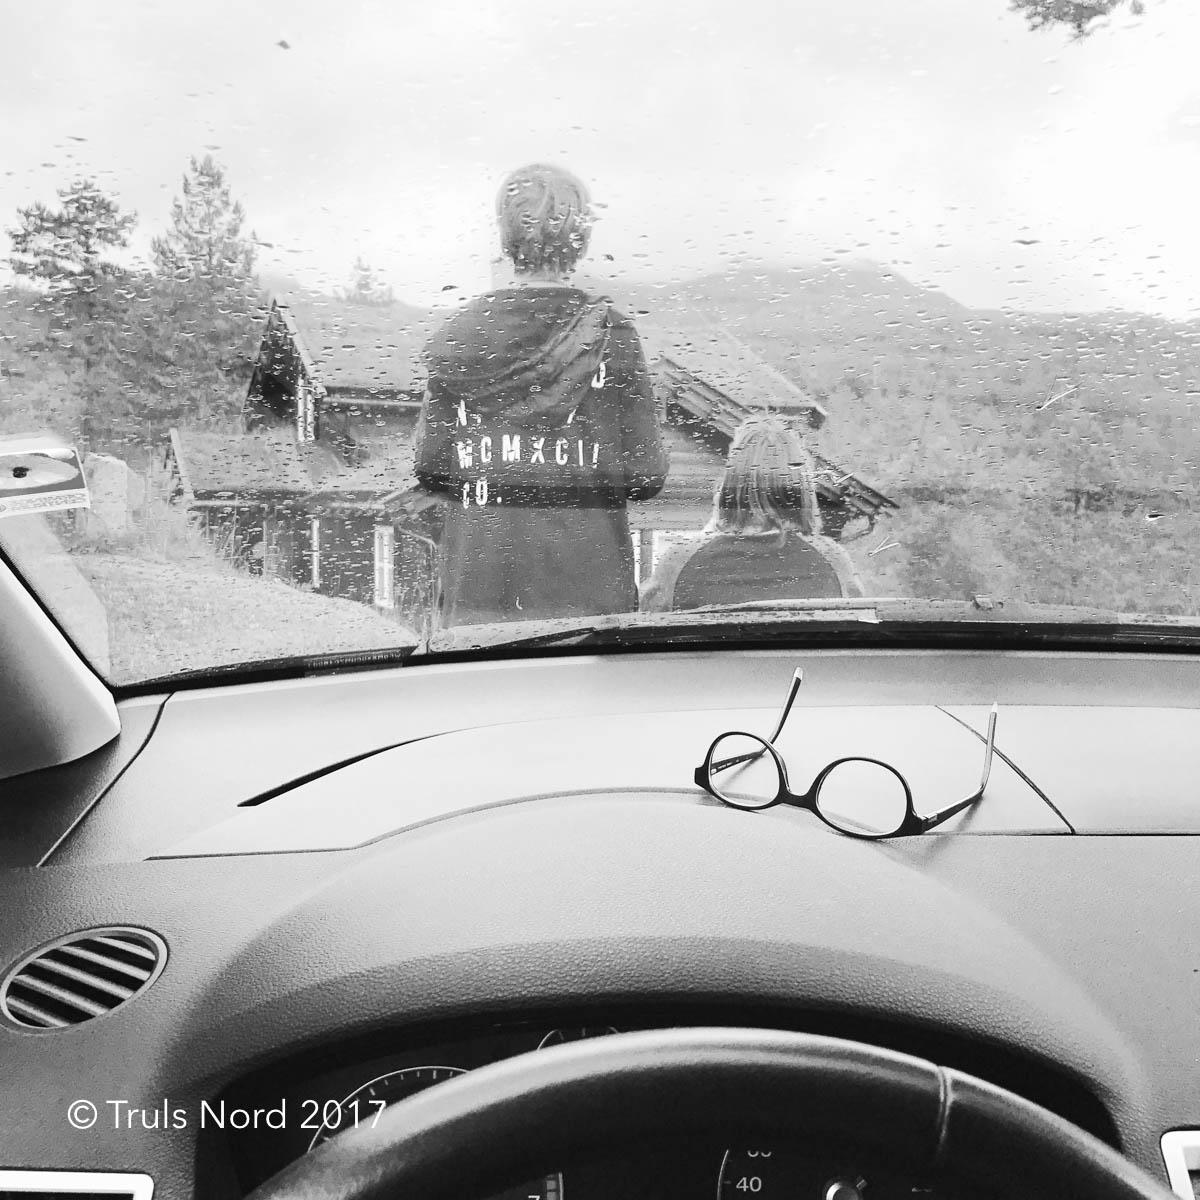 31/7 - Bil genom moln tvärsöver ett landRunt varje kröken vy svår att greppaom jag inte slutartänkaBara se ochden ärDäri var vii dag